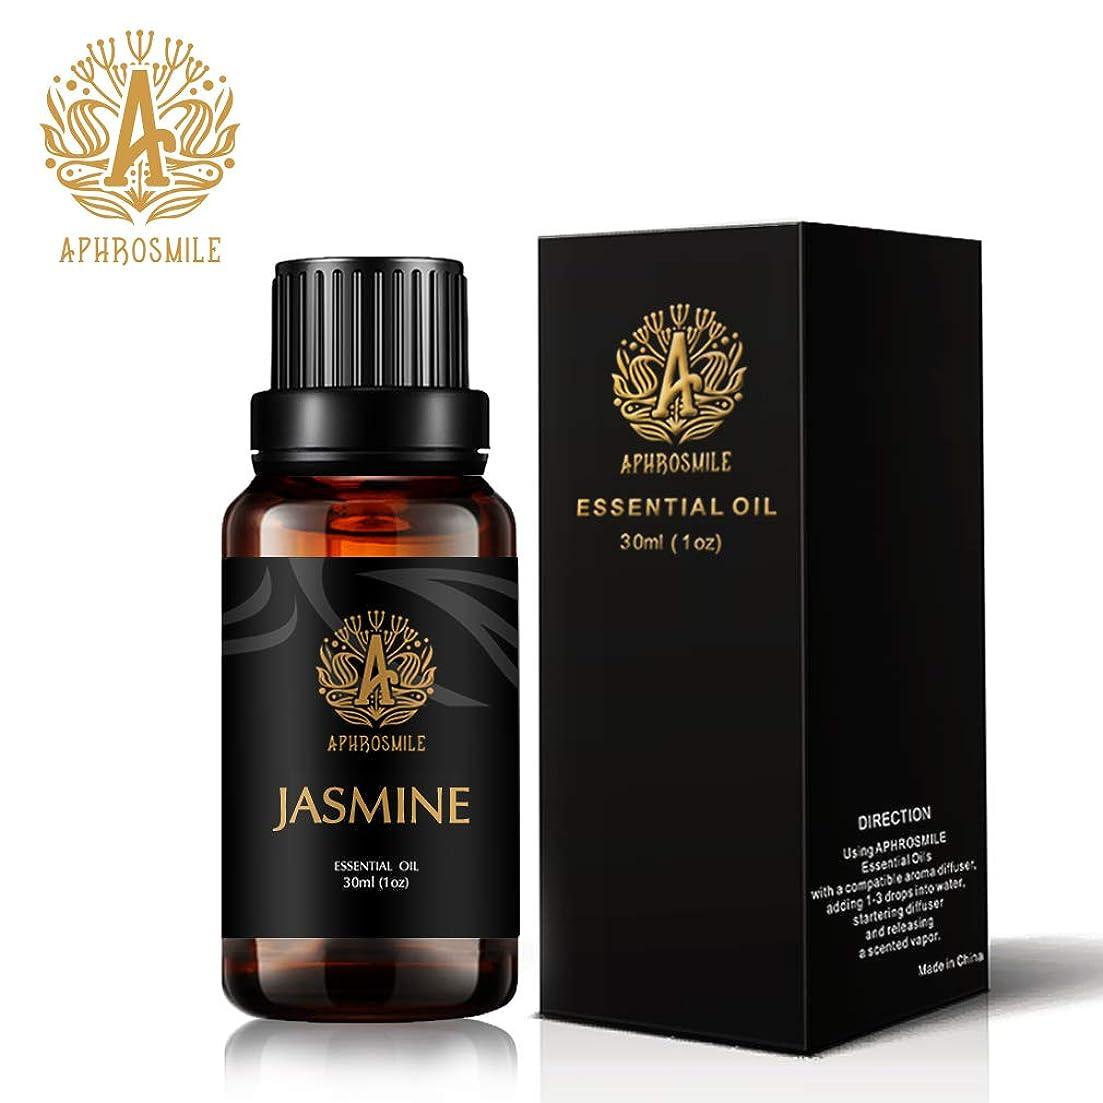 珍味砂利ポケットAphrosmile アロマ エッセンシャル オイル 、1 オンス - 30ML アロマ エッセンシャル オイル 香り 用 ディフューザー 、加湿器 、マッサージ 用 治療 用 グレード 香り エッセンシャル オイル 、ホーム 。 ジャスミン